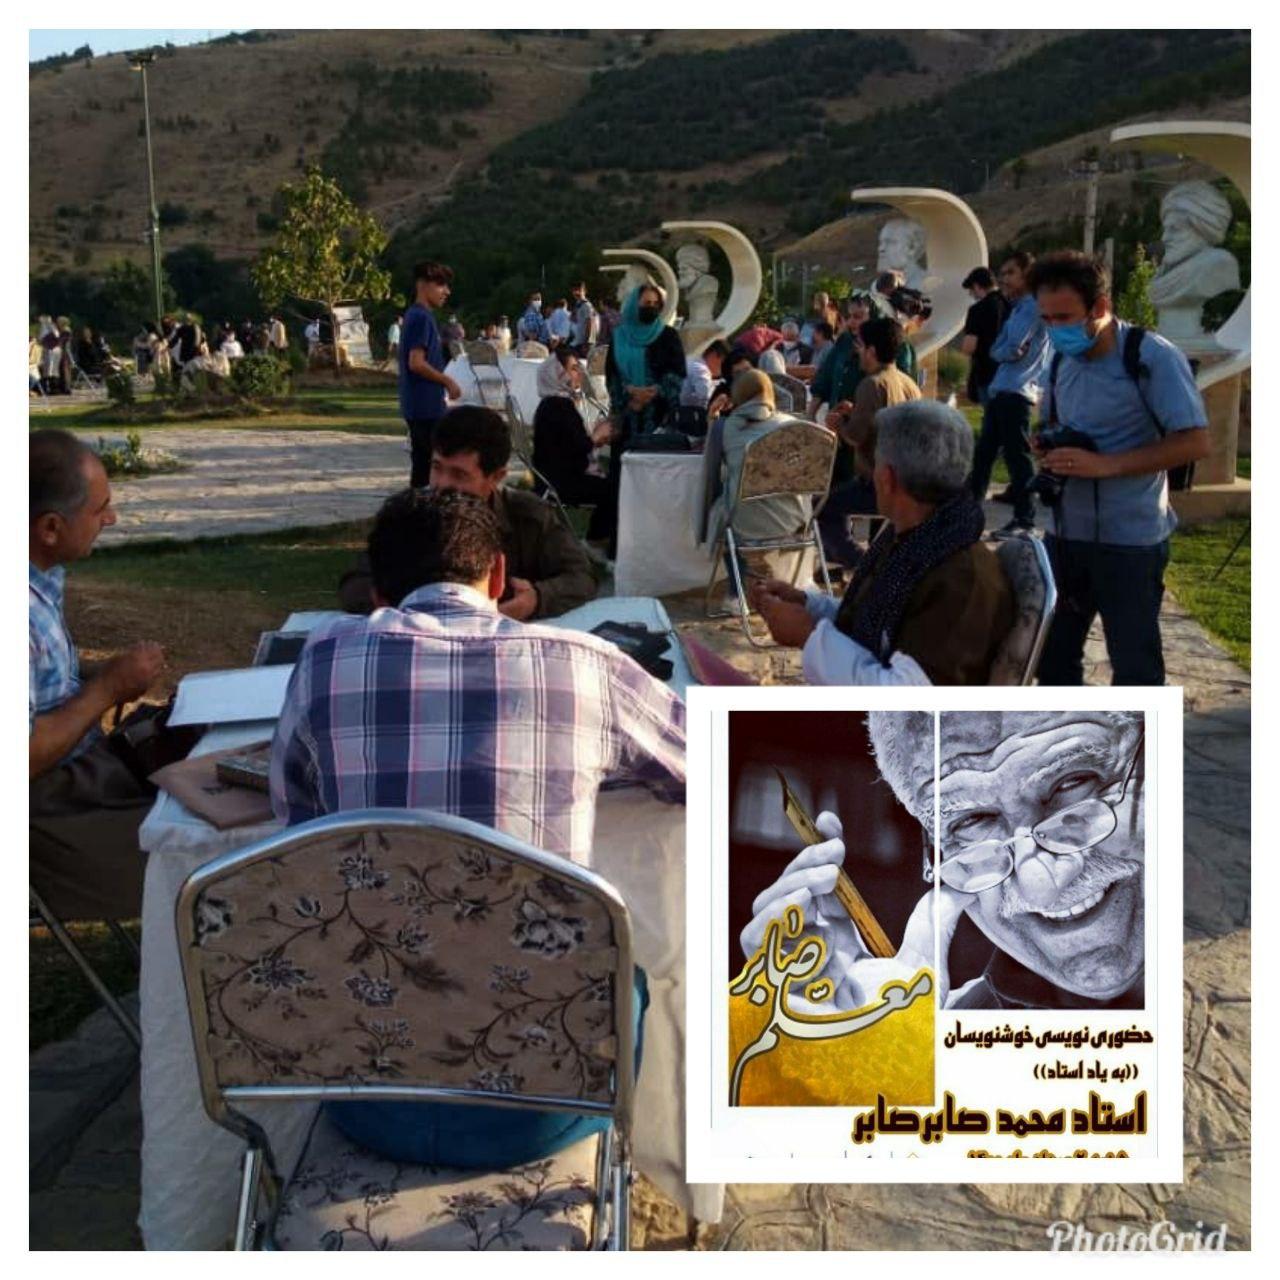 برگزاری مراسم گرامیداشت زنده یاد استاد صابر خوشنویس سقزی